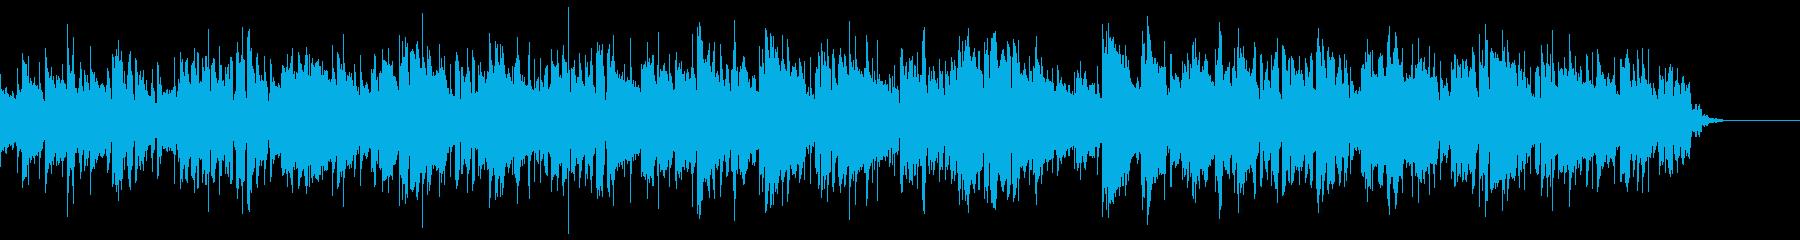 エレクトリックピアノのイージーリスニングの再生済みの波形